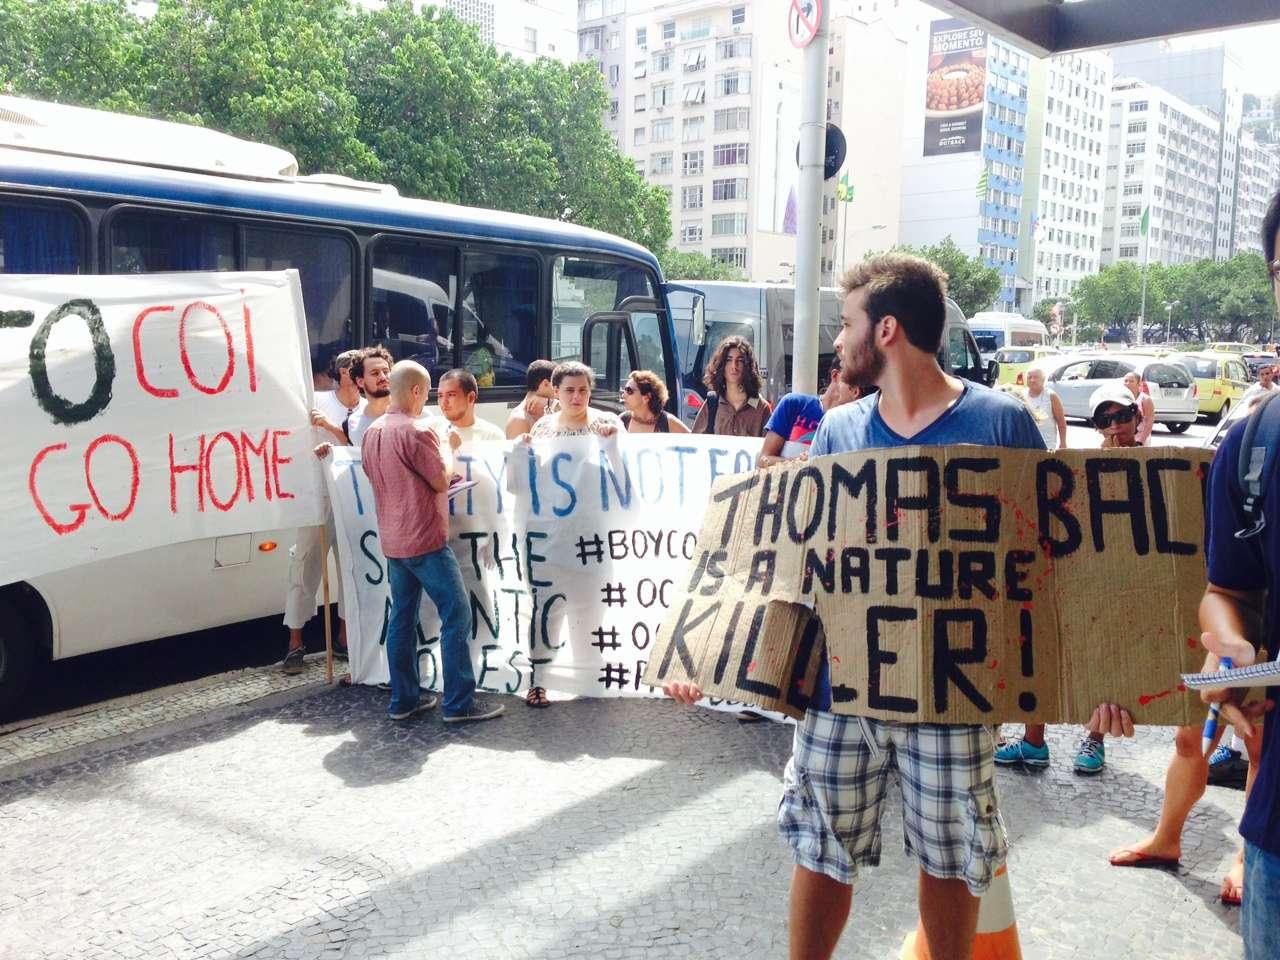 Alguns dos manifestantes invadiram o lobby do hotel com apitos Foto: André Naddeo/Terra